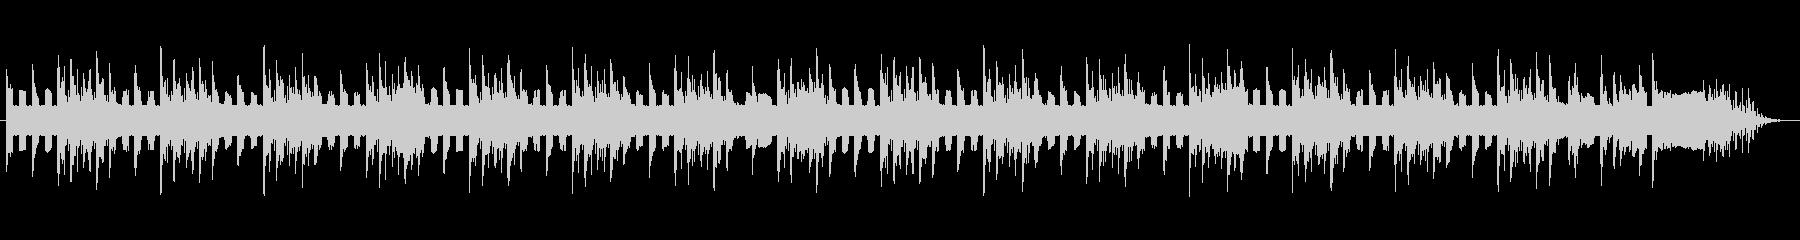 ファミコン風の短めなジングル&BGMの未再生の波形